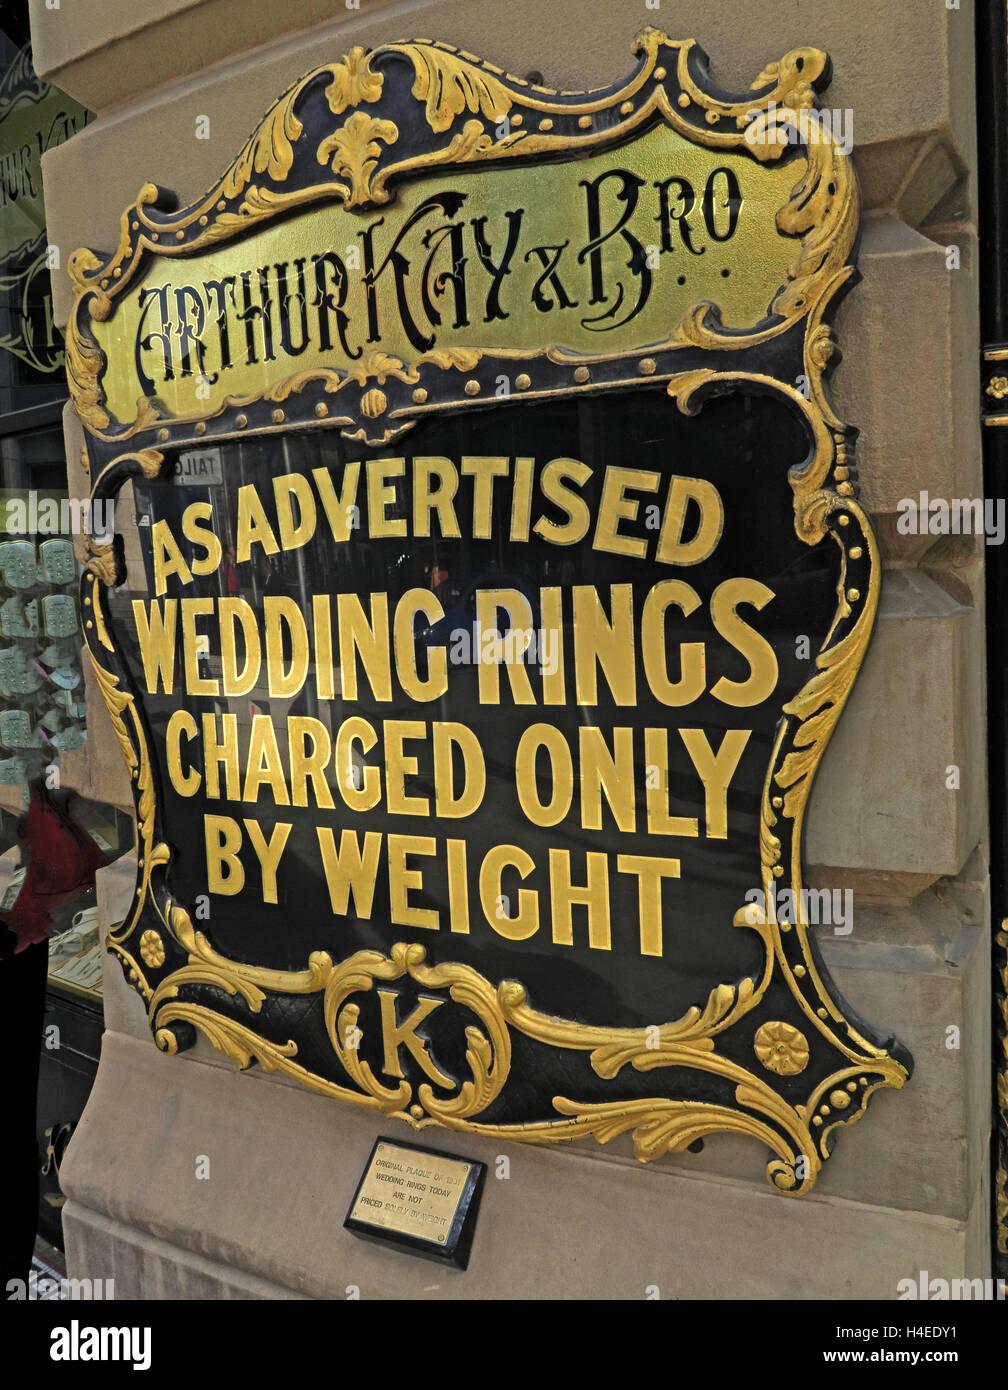 Laden Sie dieses Alamy Stockfoto Arthur Kay Juweliere, wie beworben, Trauringe berechnet nur durch Gewicht beachten, Market St, Manchester, England, UK - H4EDY1